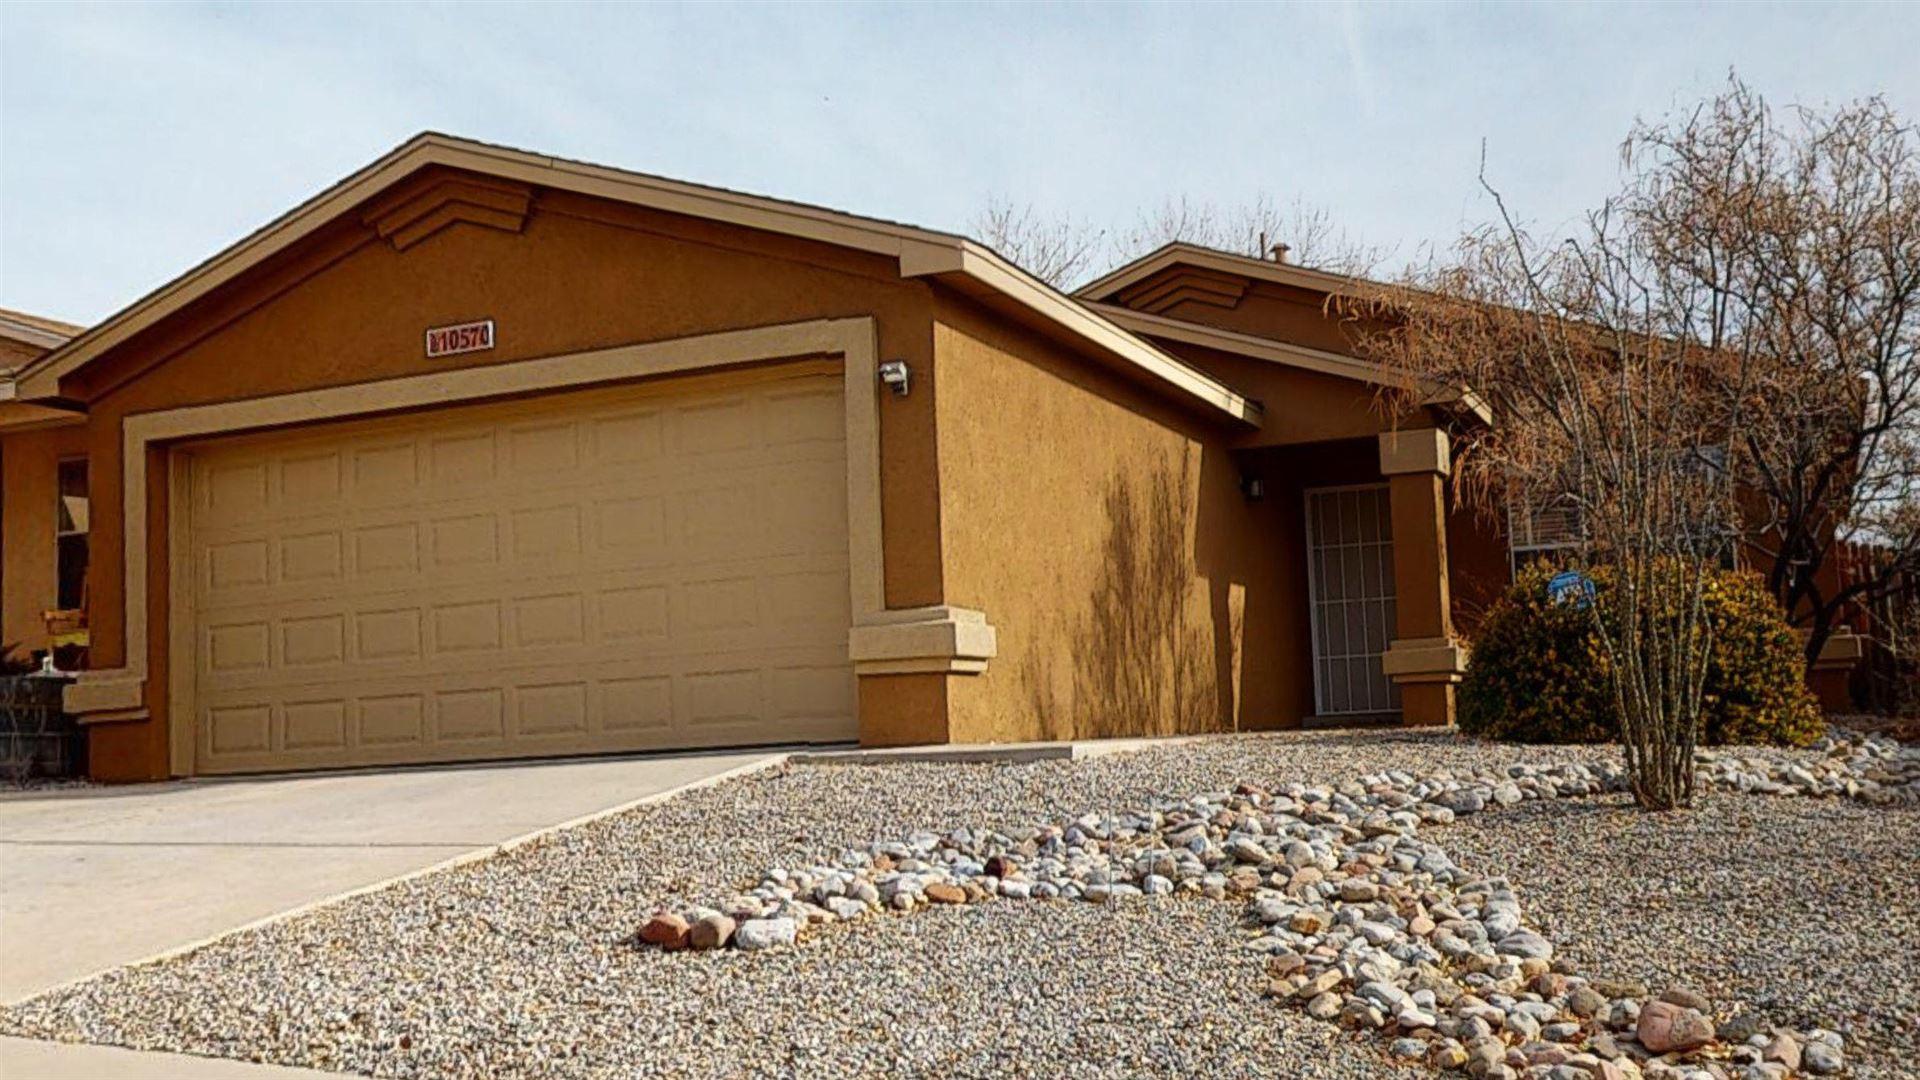 Photo of 10570 VISTA BELLA Place NW, Albuquerque, NM 87114 (MLS # 983966)